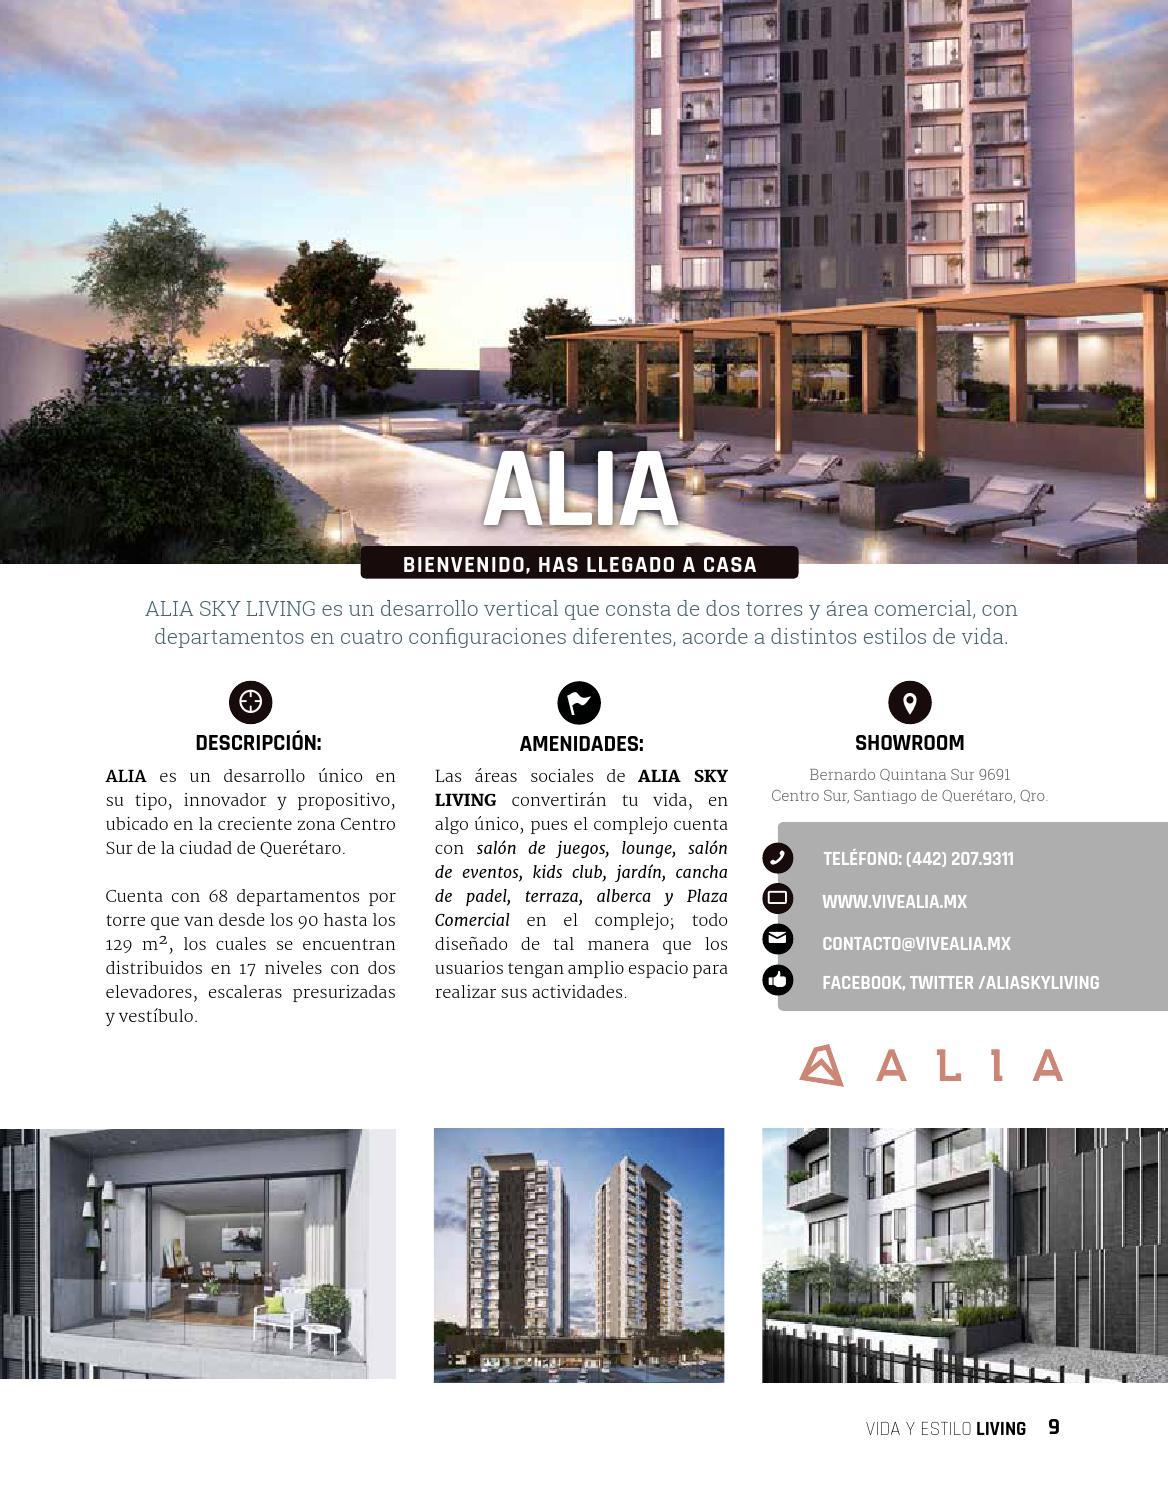 Living Edición 19 By Guia Inmobiliaria Vida Y Estilo Issuu